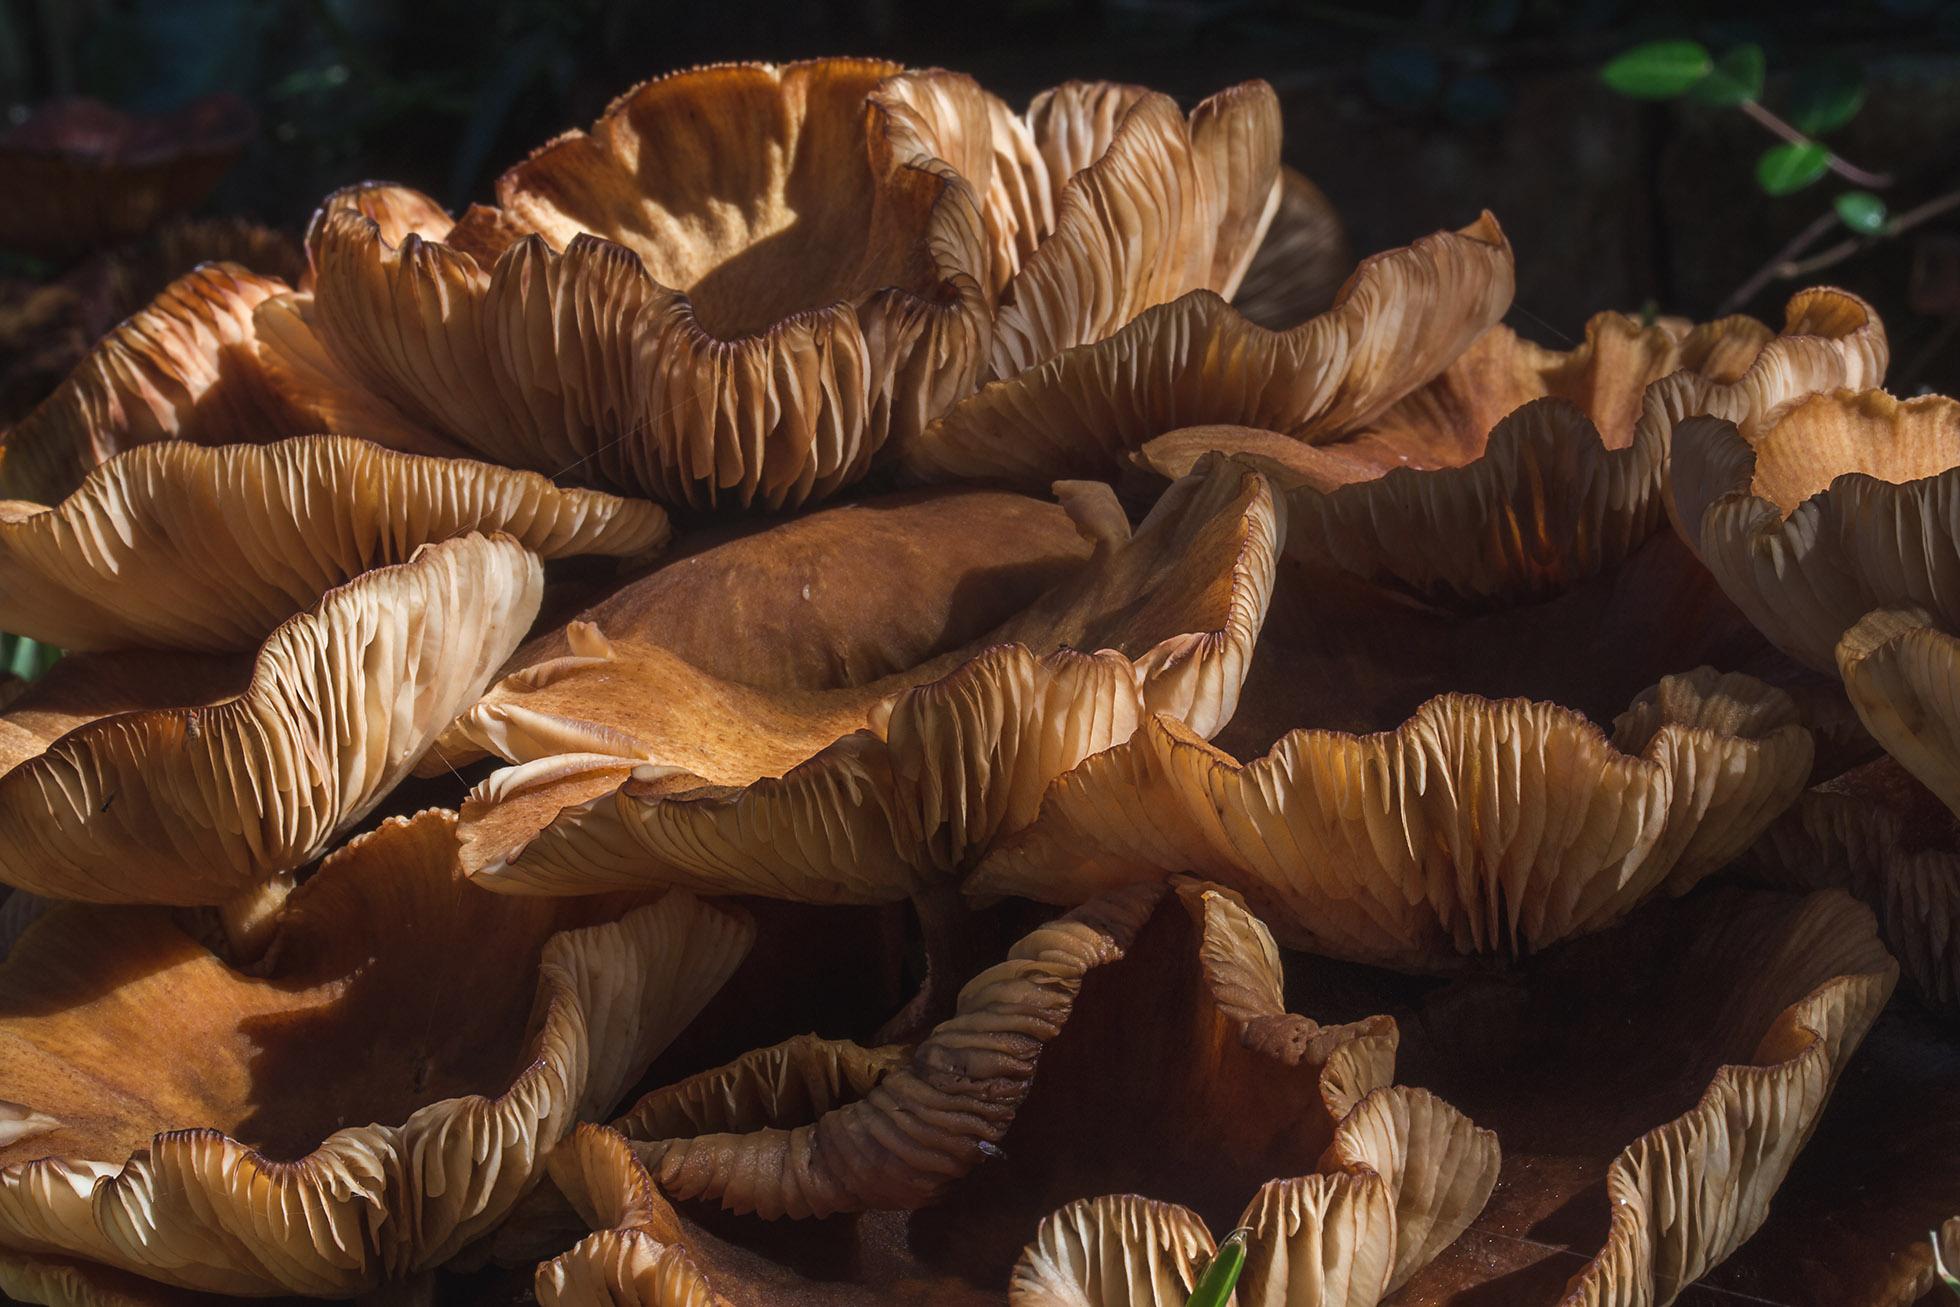 047_mushrooms_IMG_0754a_dp.jpg